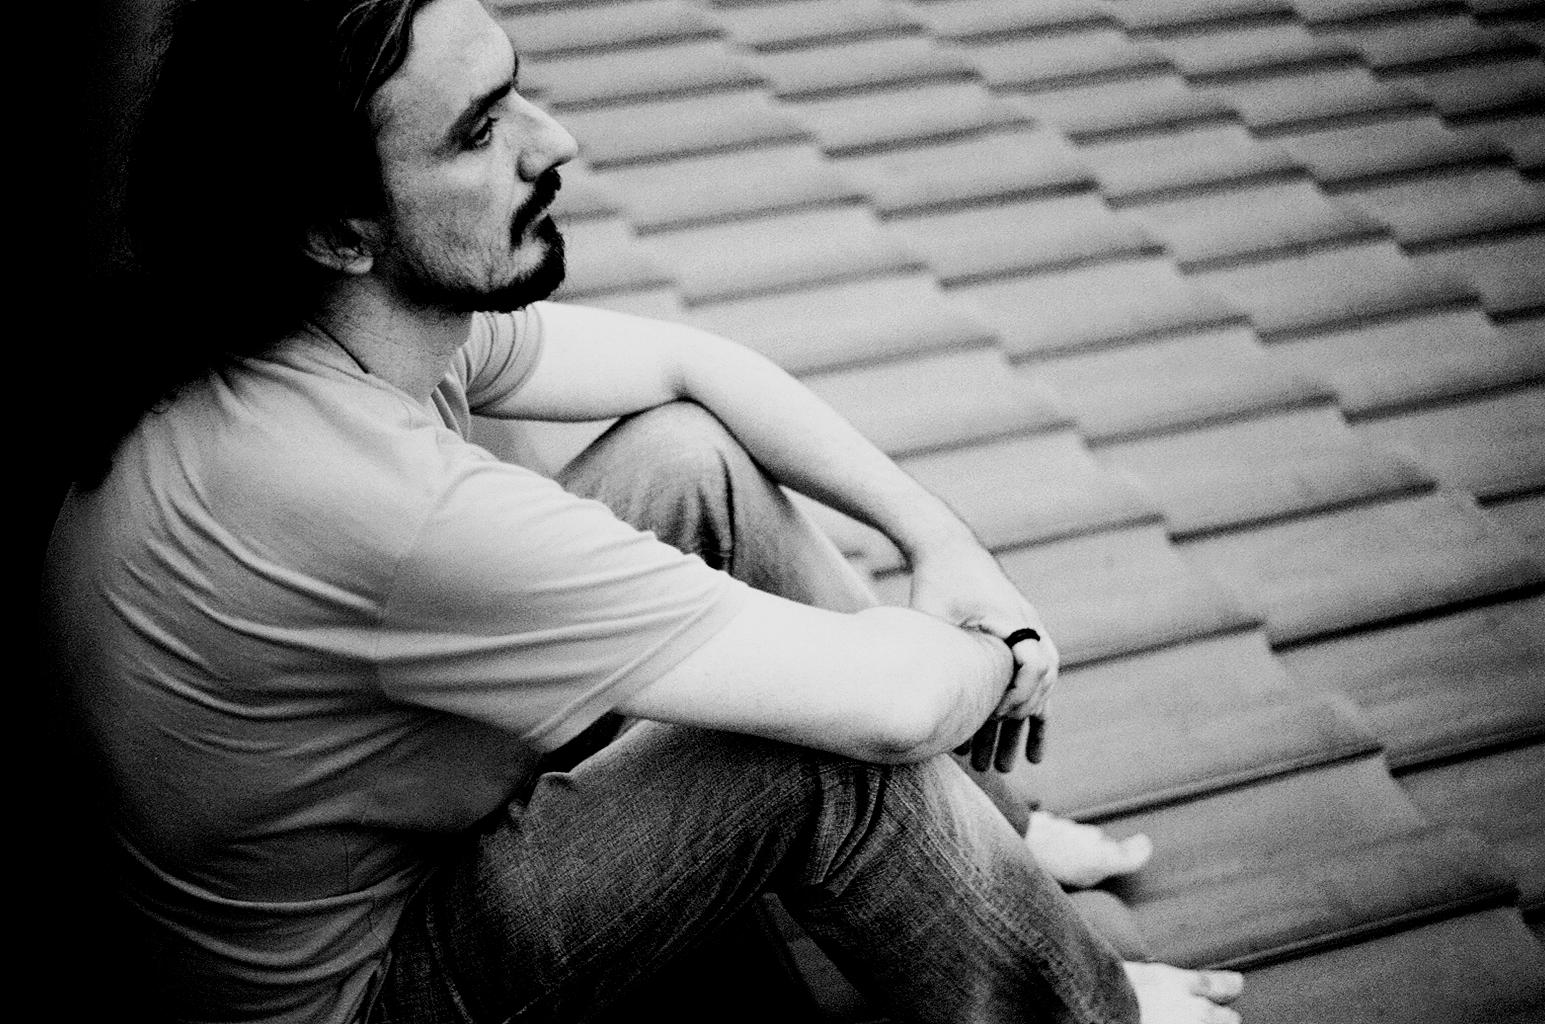 david_llorente_sobre_mi